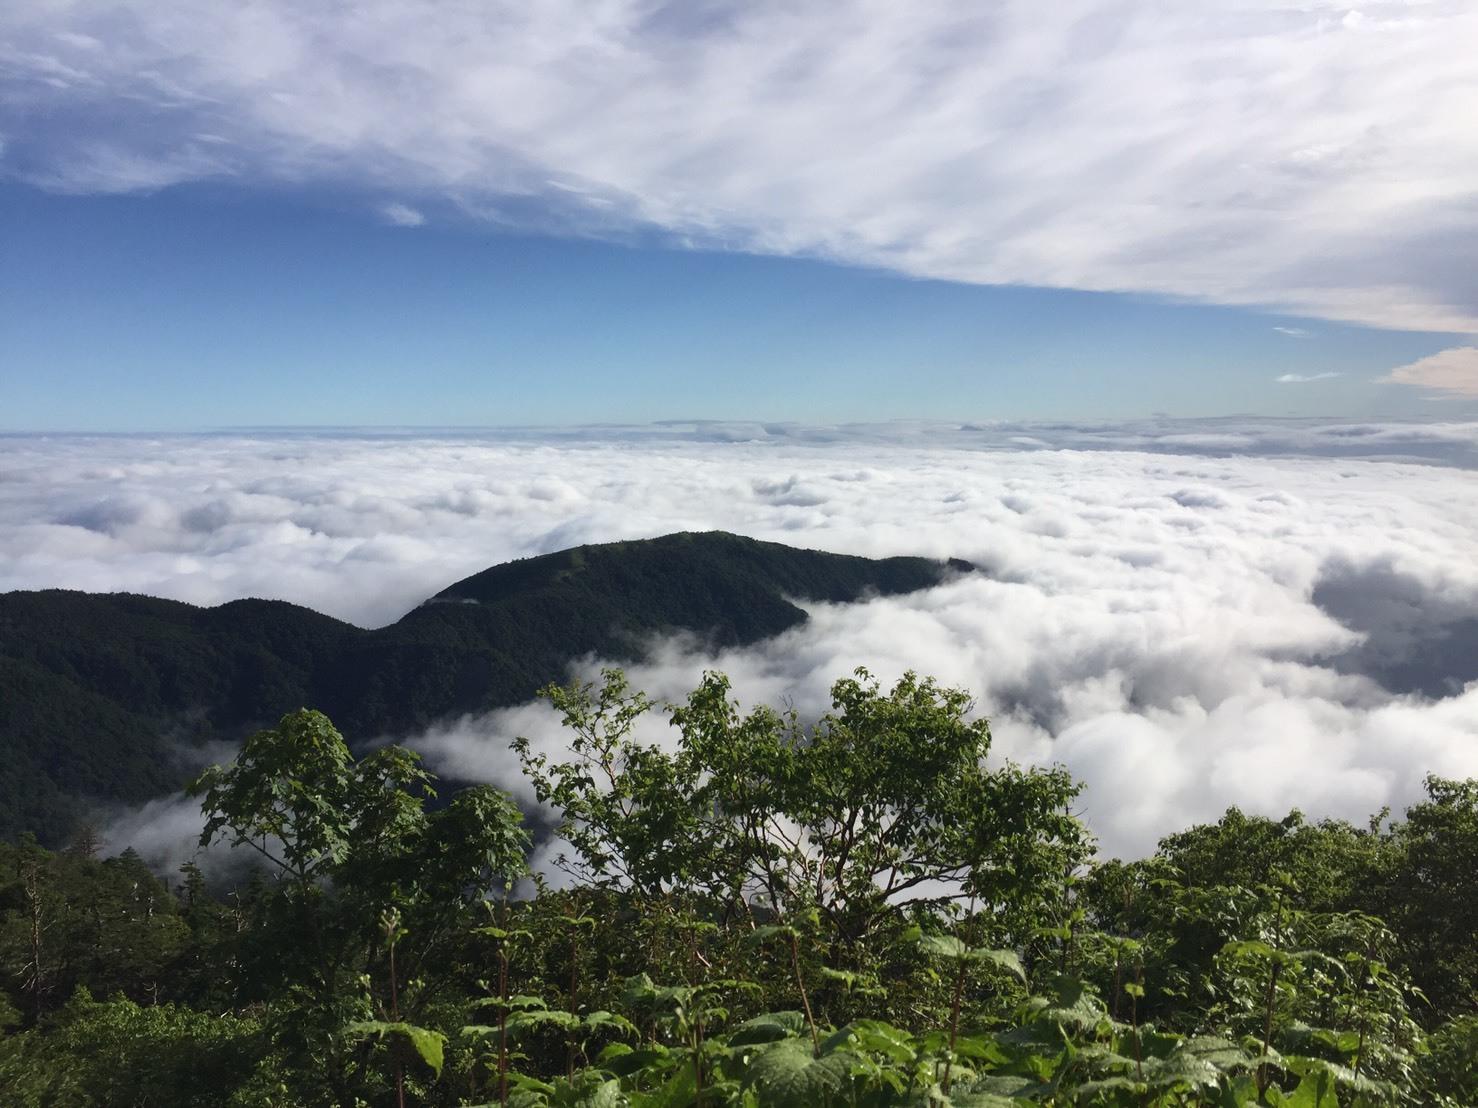 7月16日(木)朝の雲海。気温11℃。_c0089831_21550336.jpeg